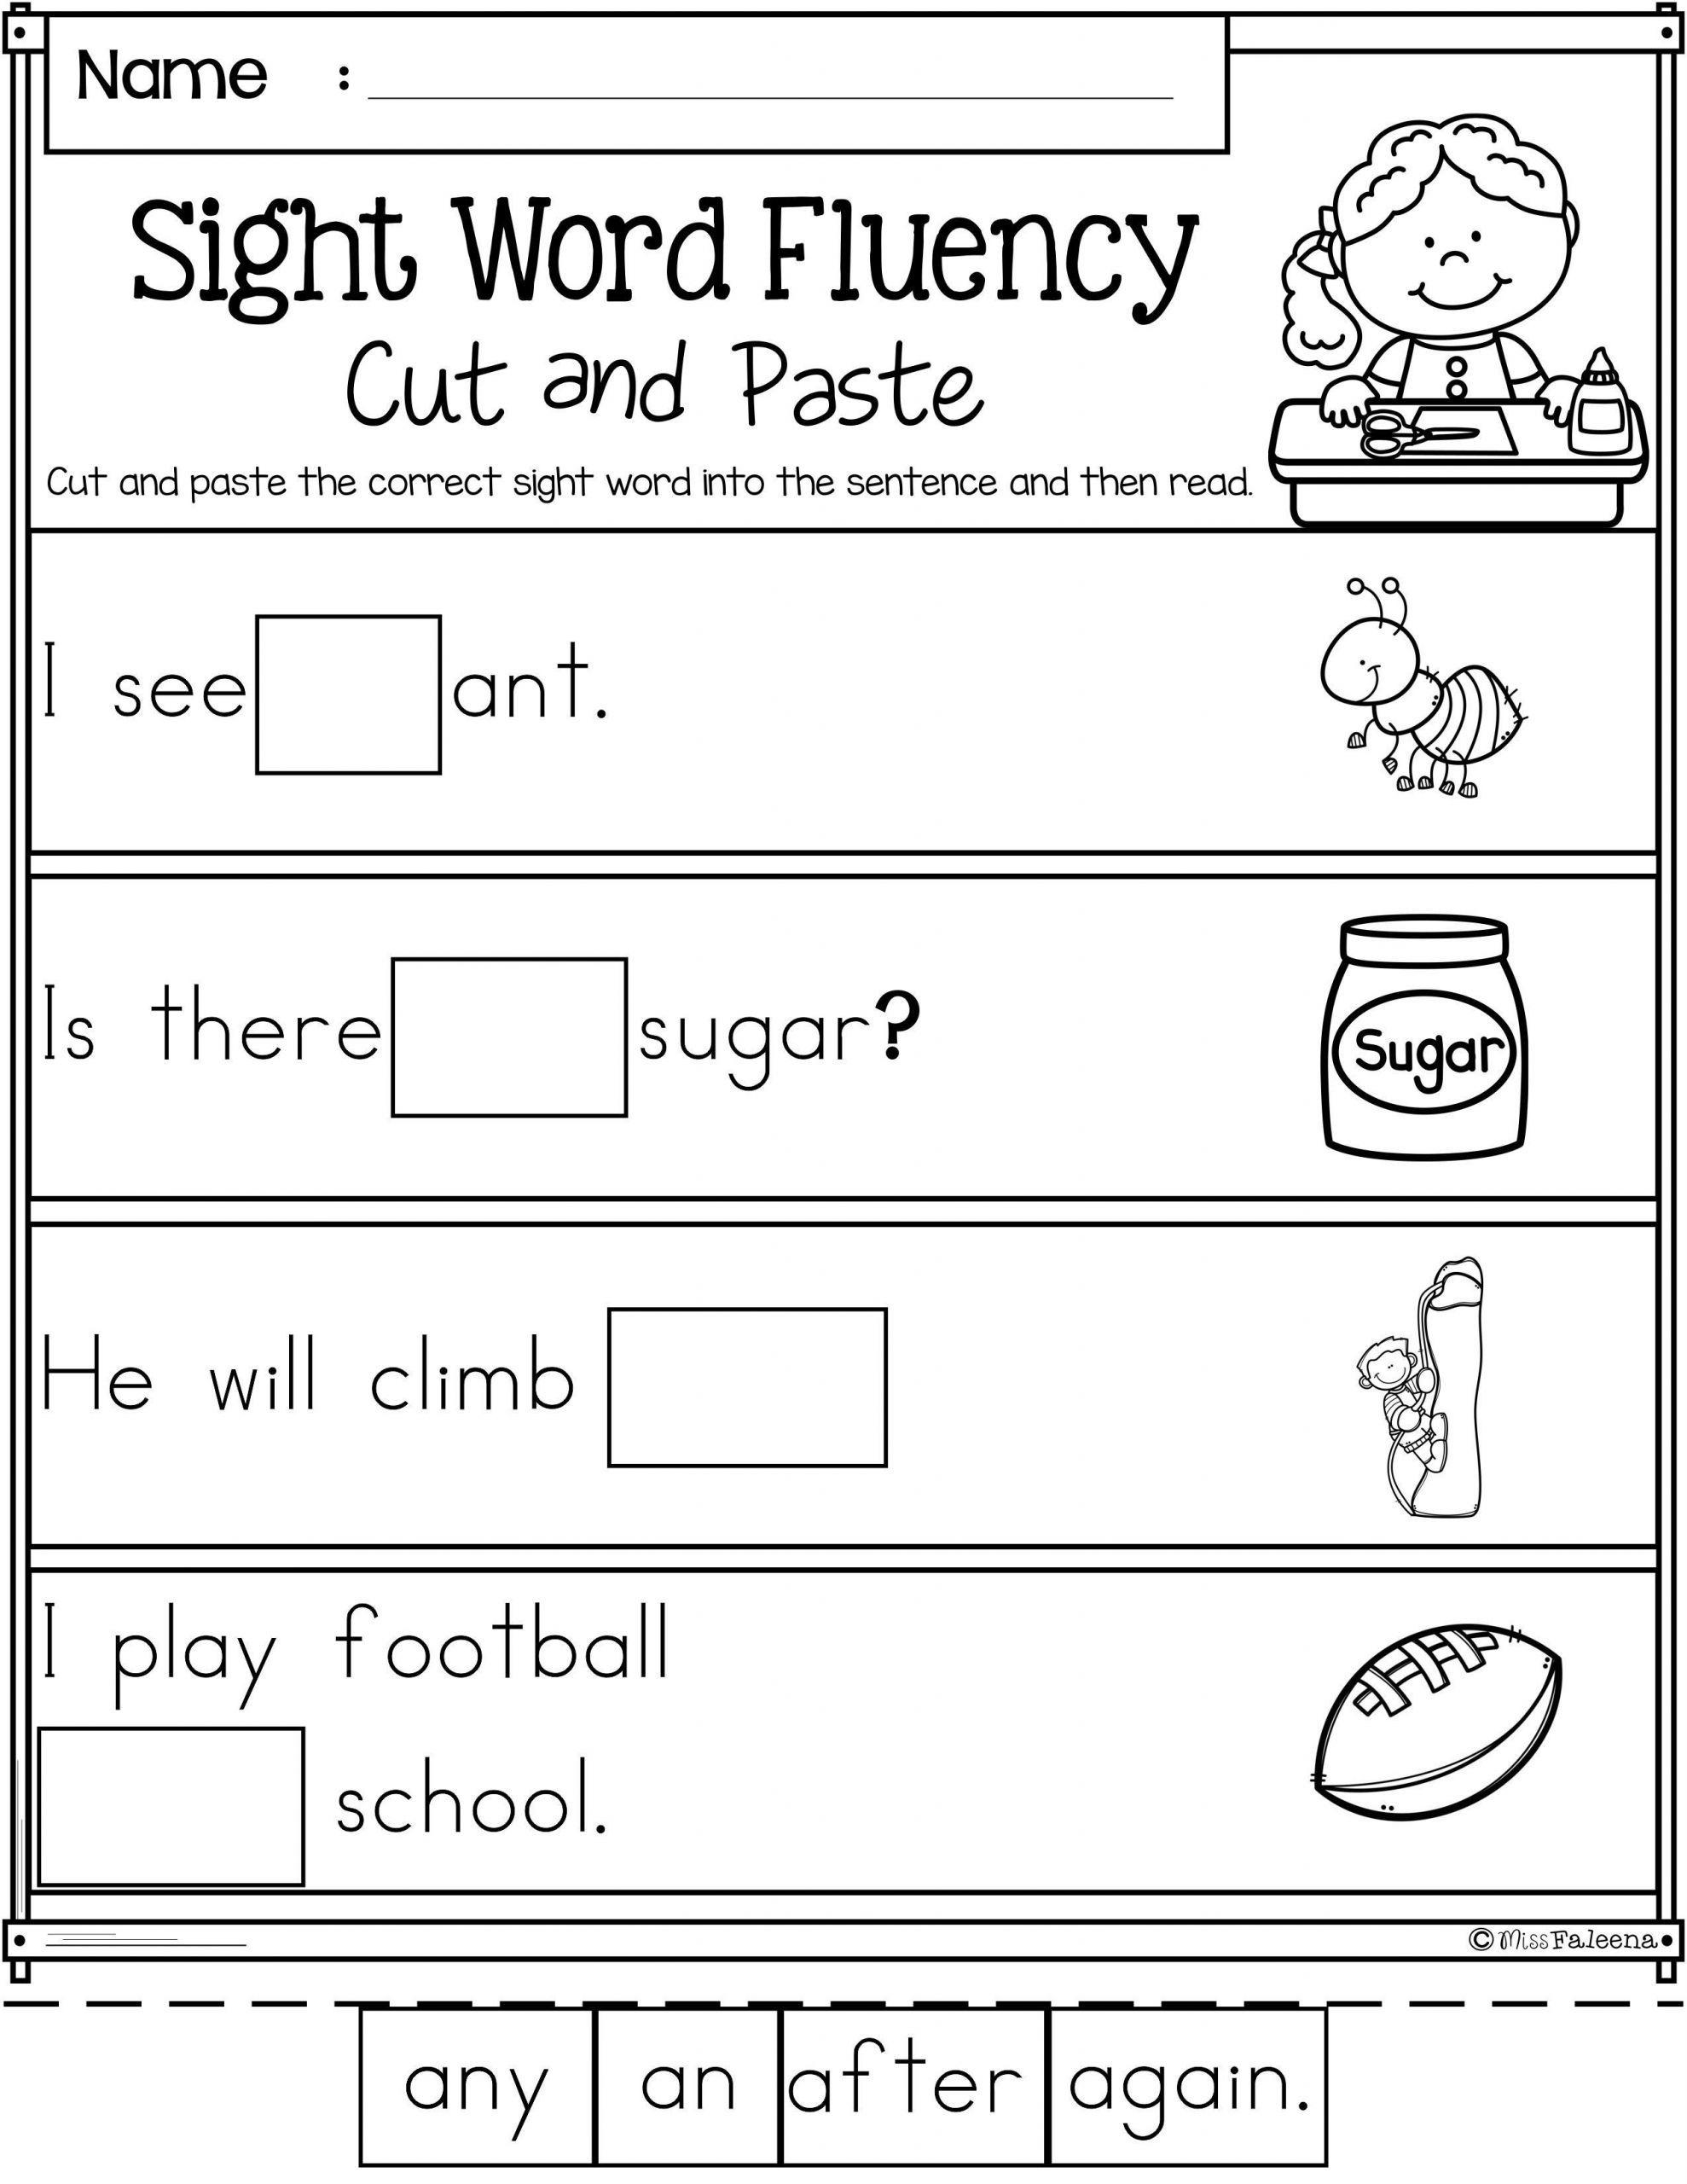 8 Functional Language Arts Worksheets Di